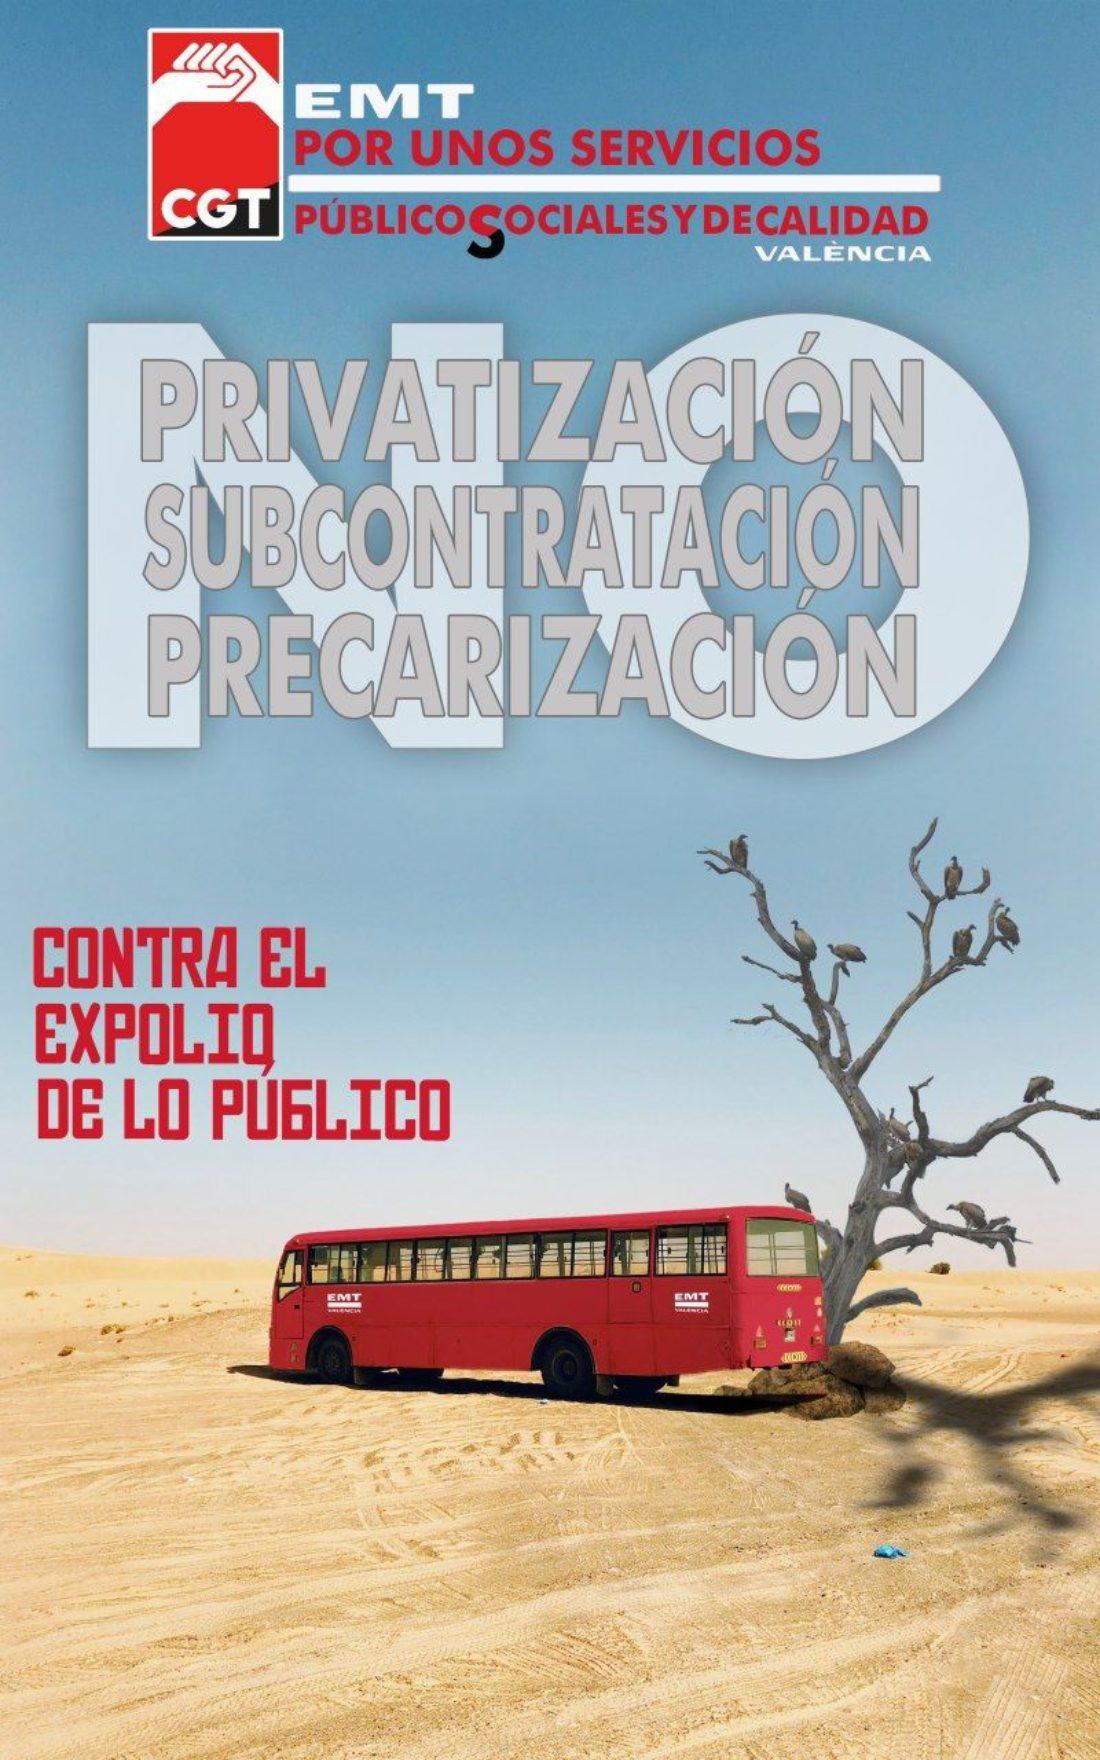 15 de septiembre comienzan los paros en EMT València